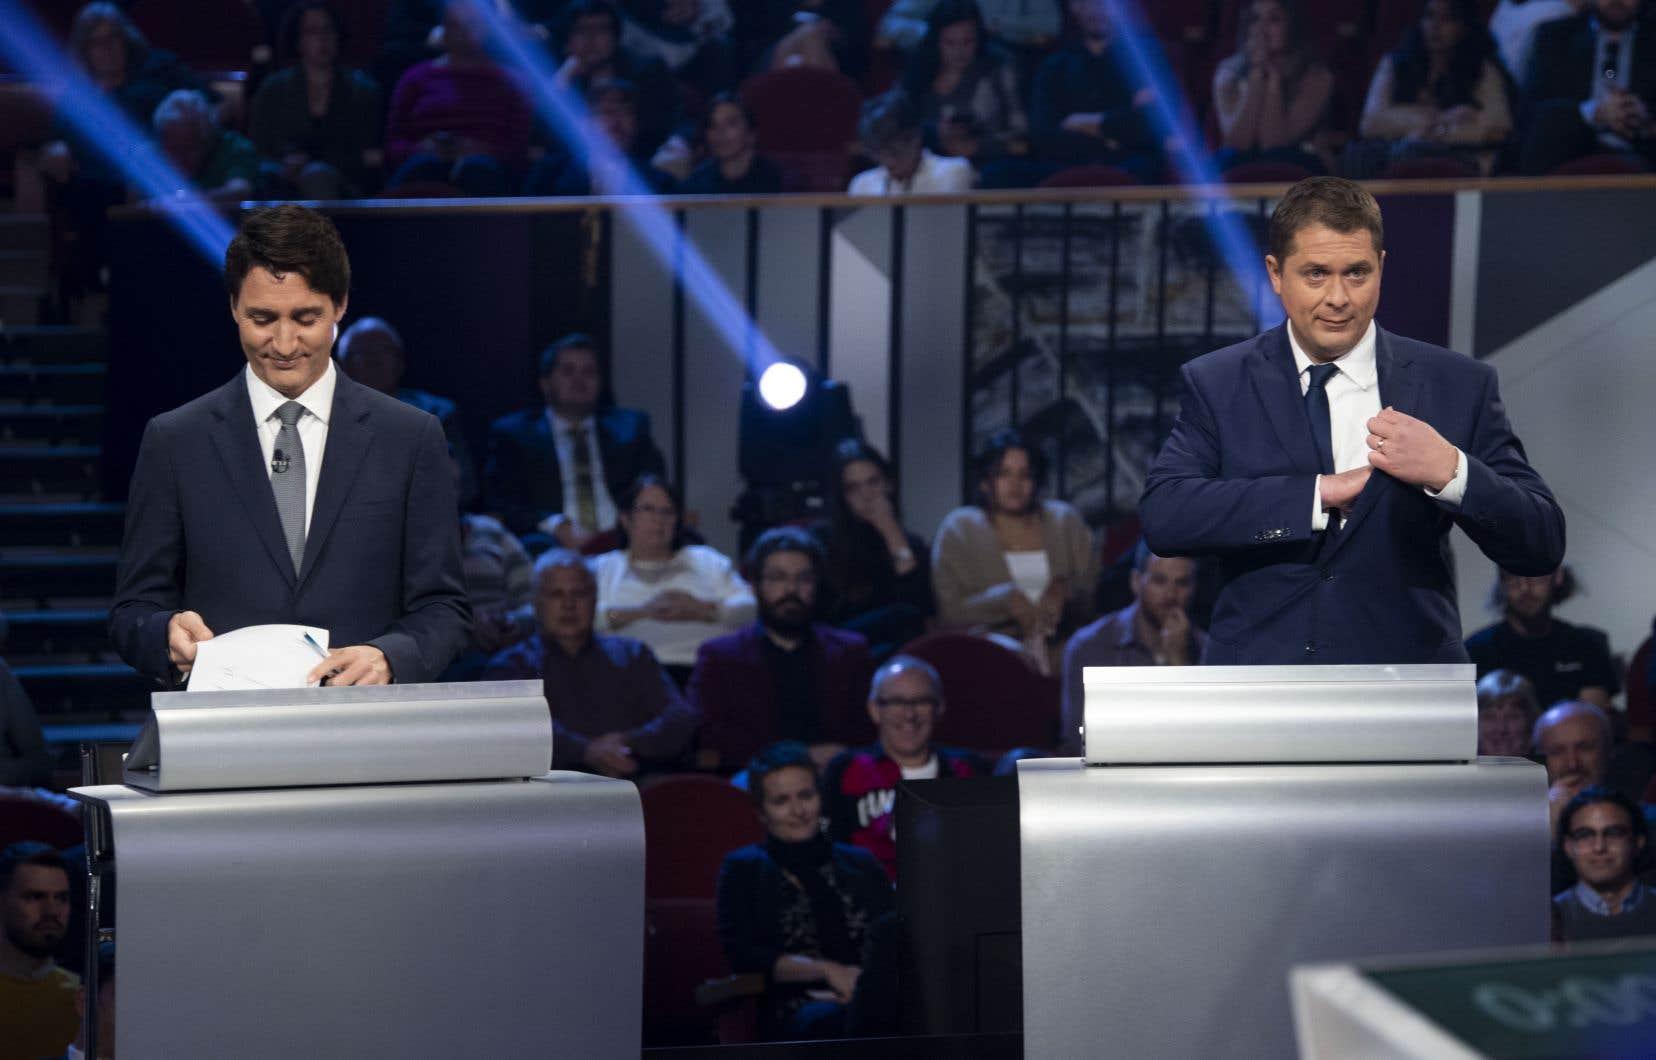 Les chefs Justin Trudeau et Andrew Scheer, lors du dernier débat des chefs